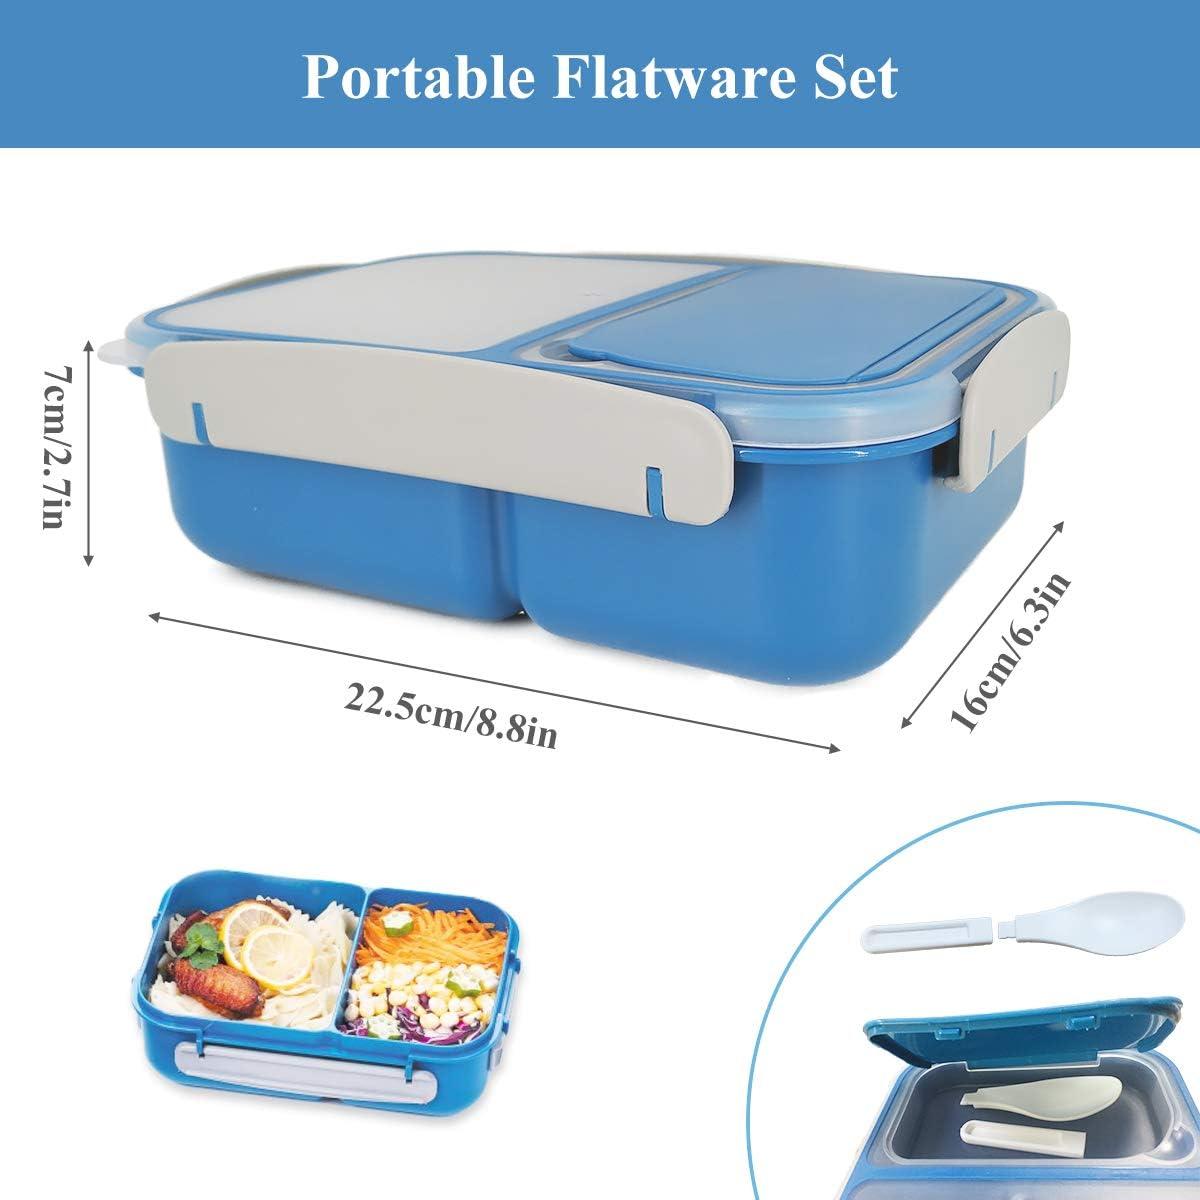 blu classico in pelle color pesca blu BAOZIV587 Cuscino per toilette Cuscino tre pezzi Gabinetto universale per merletto in stile europeo Cuscino per WC carino